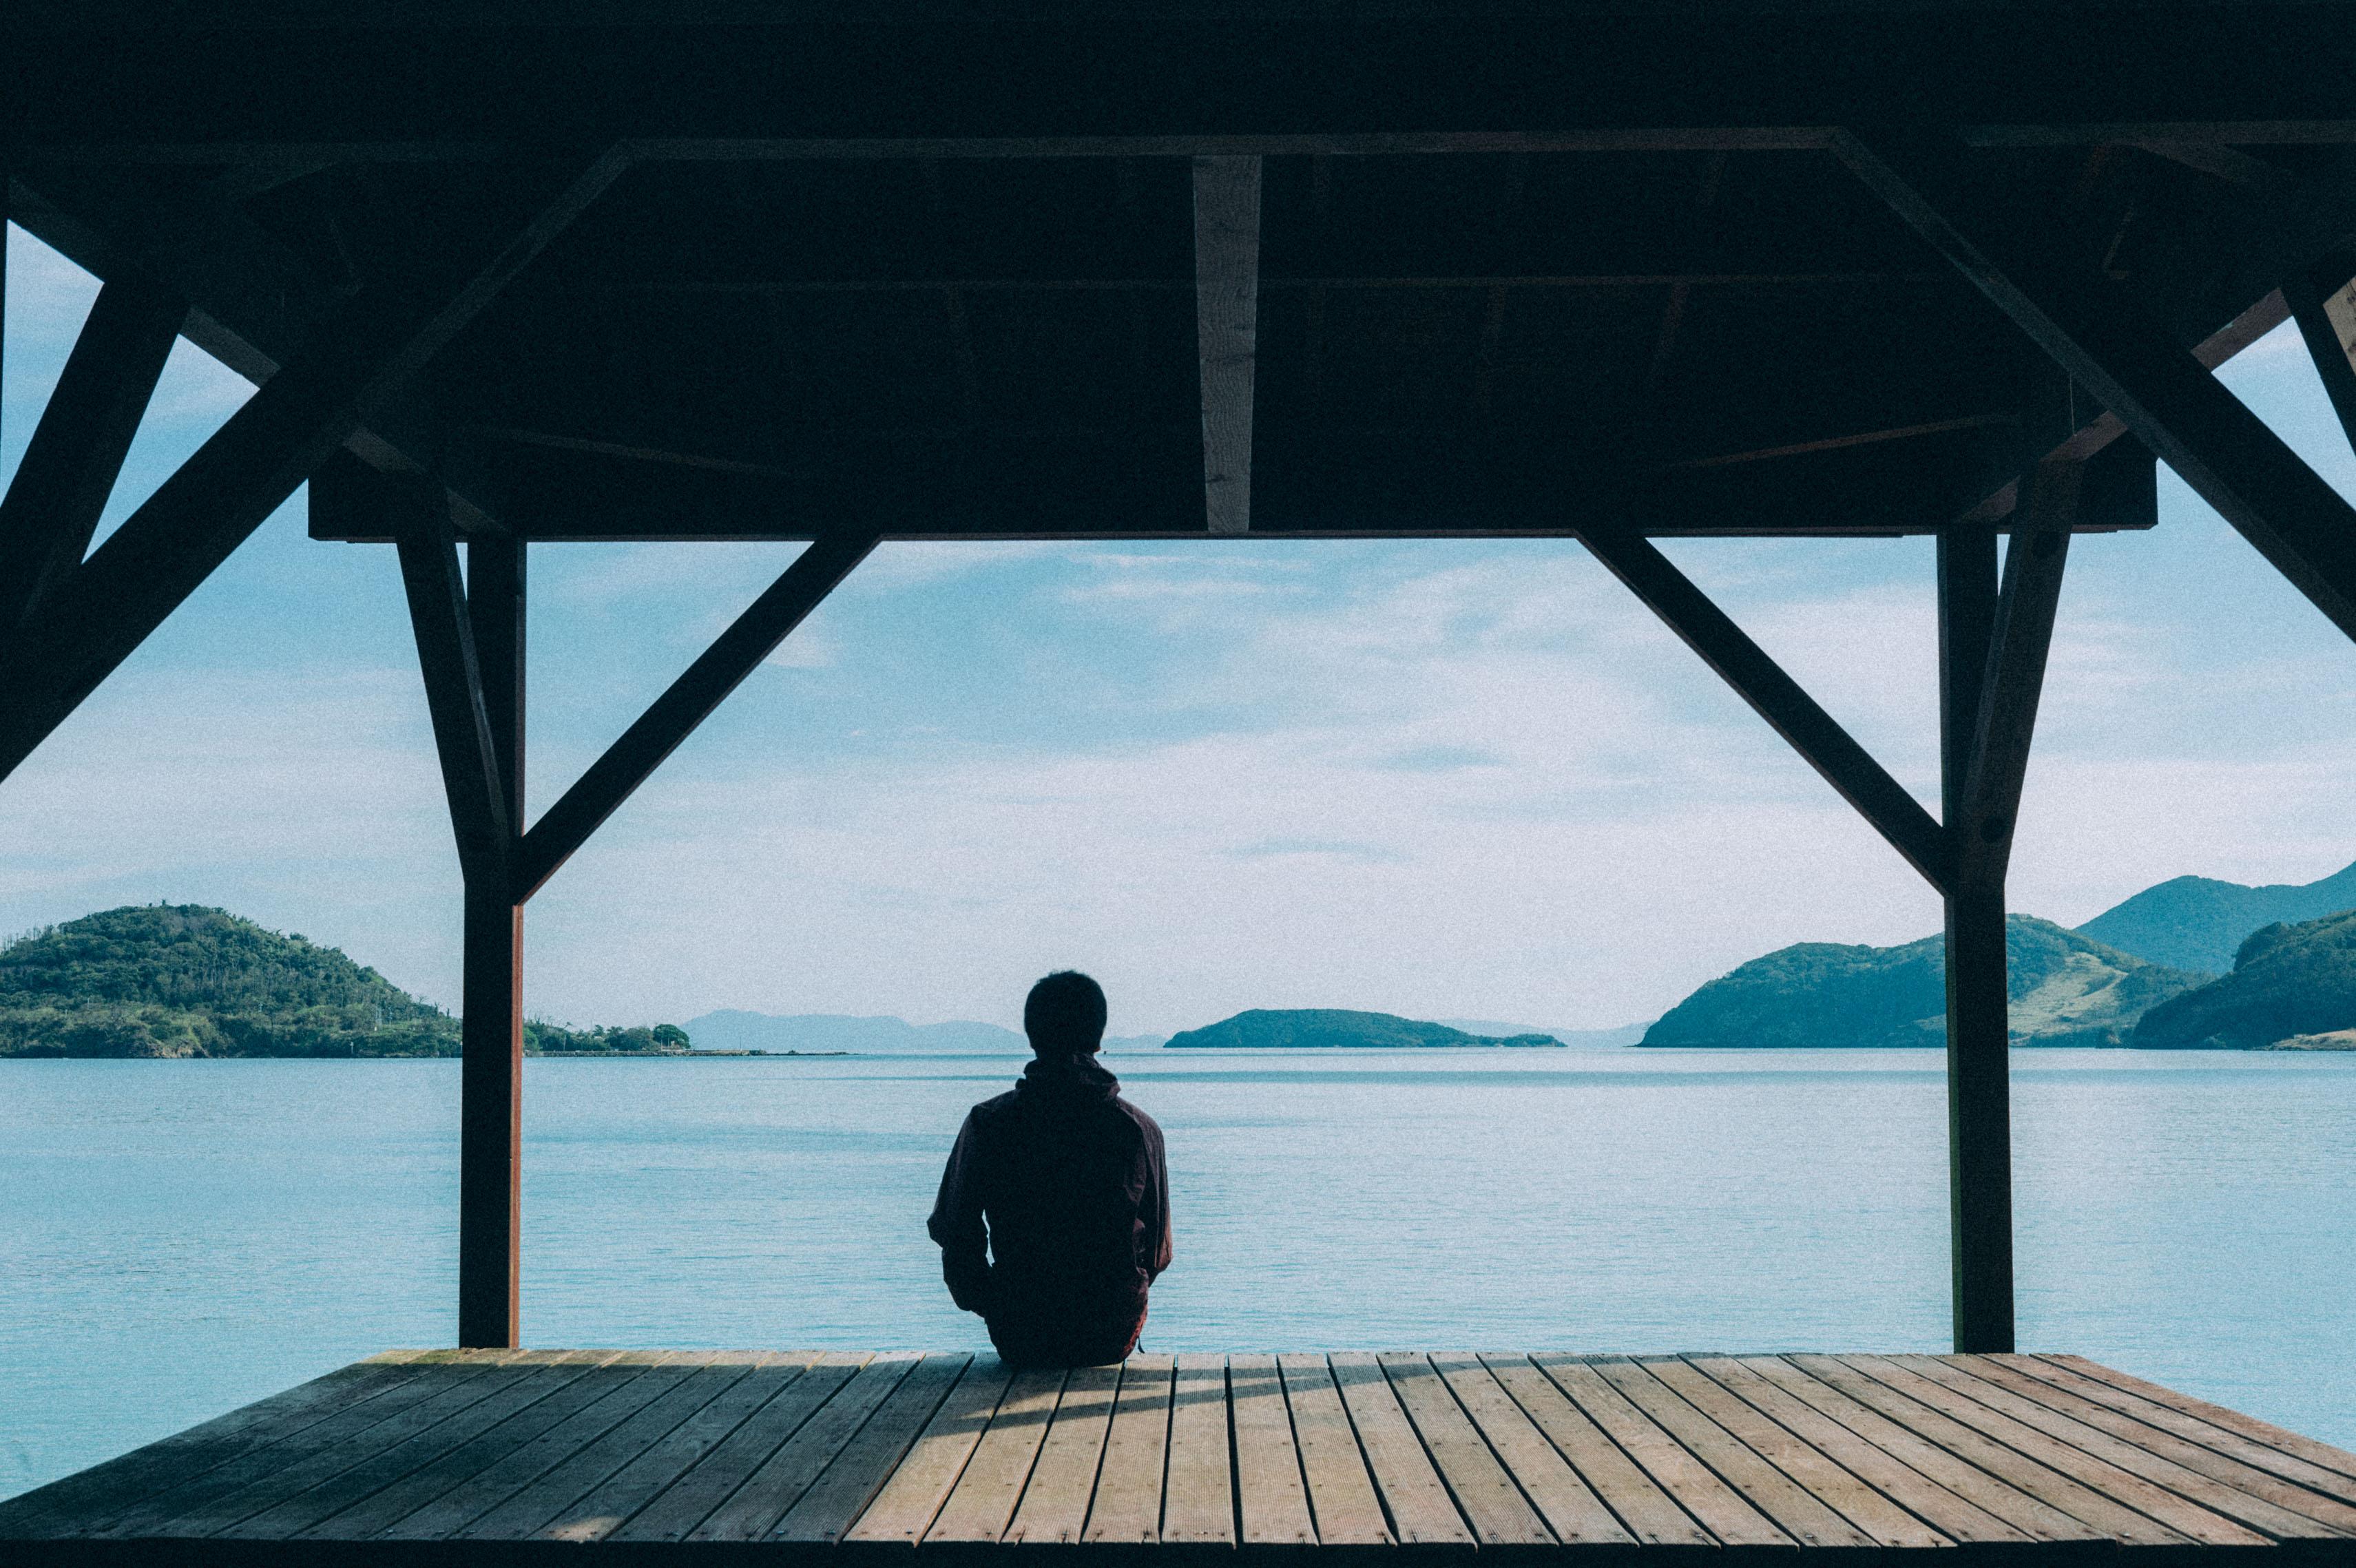 ー小値賀町編ー小さな島々に残り続ける日々よ。【市町村一周の旅】